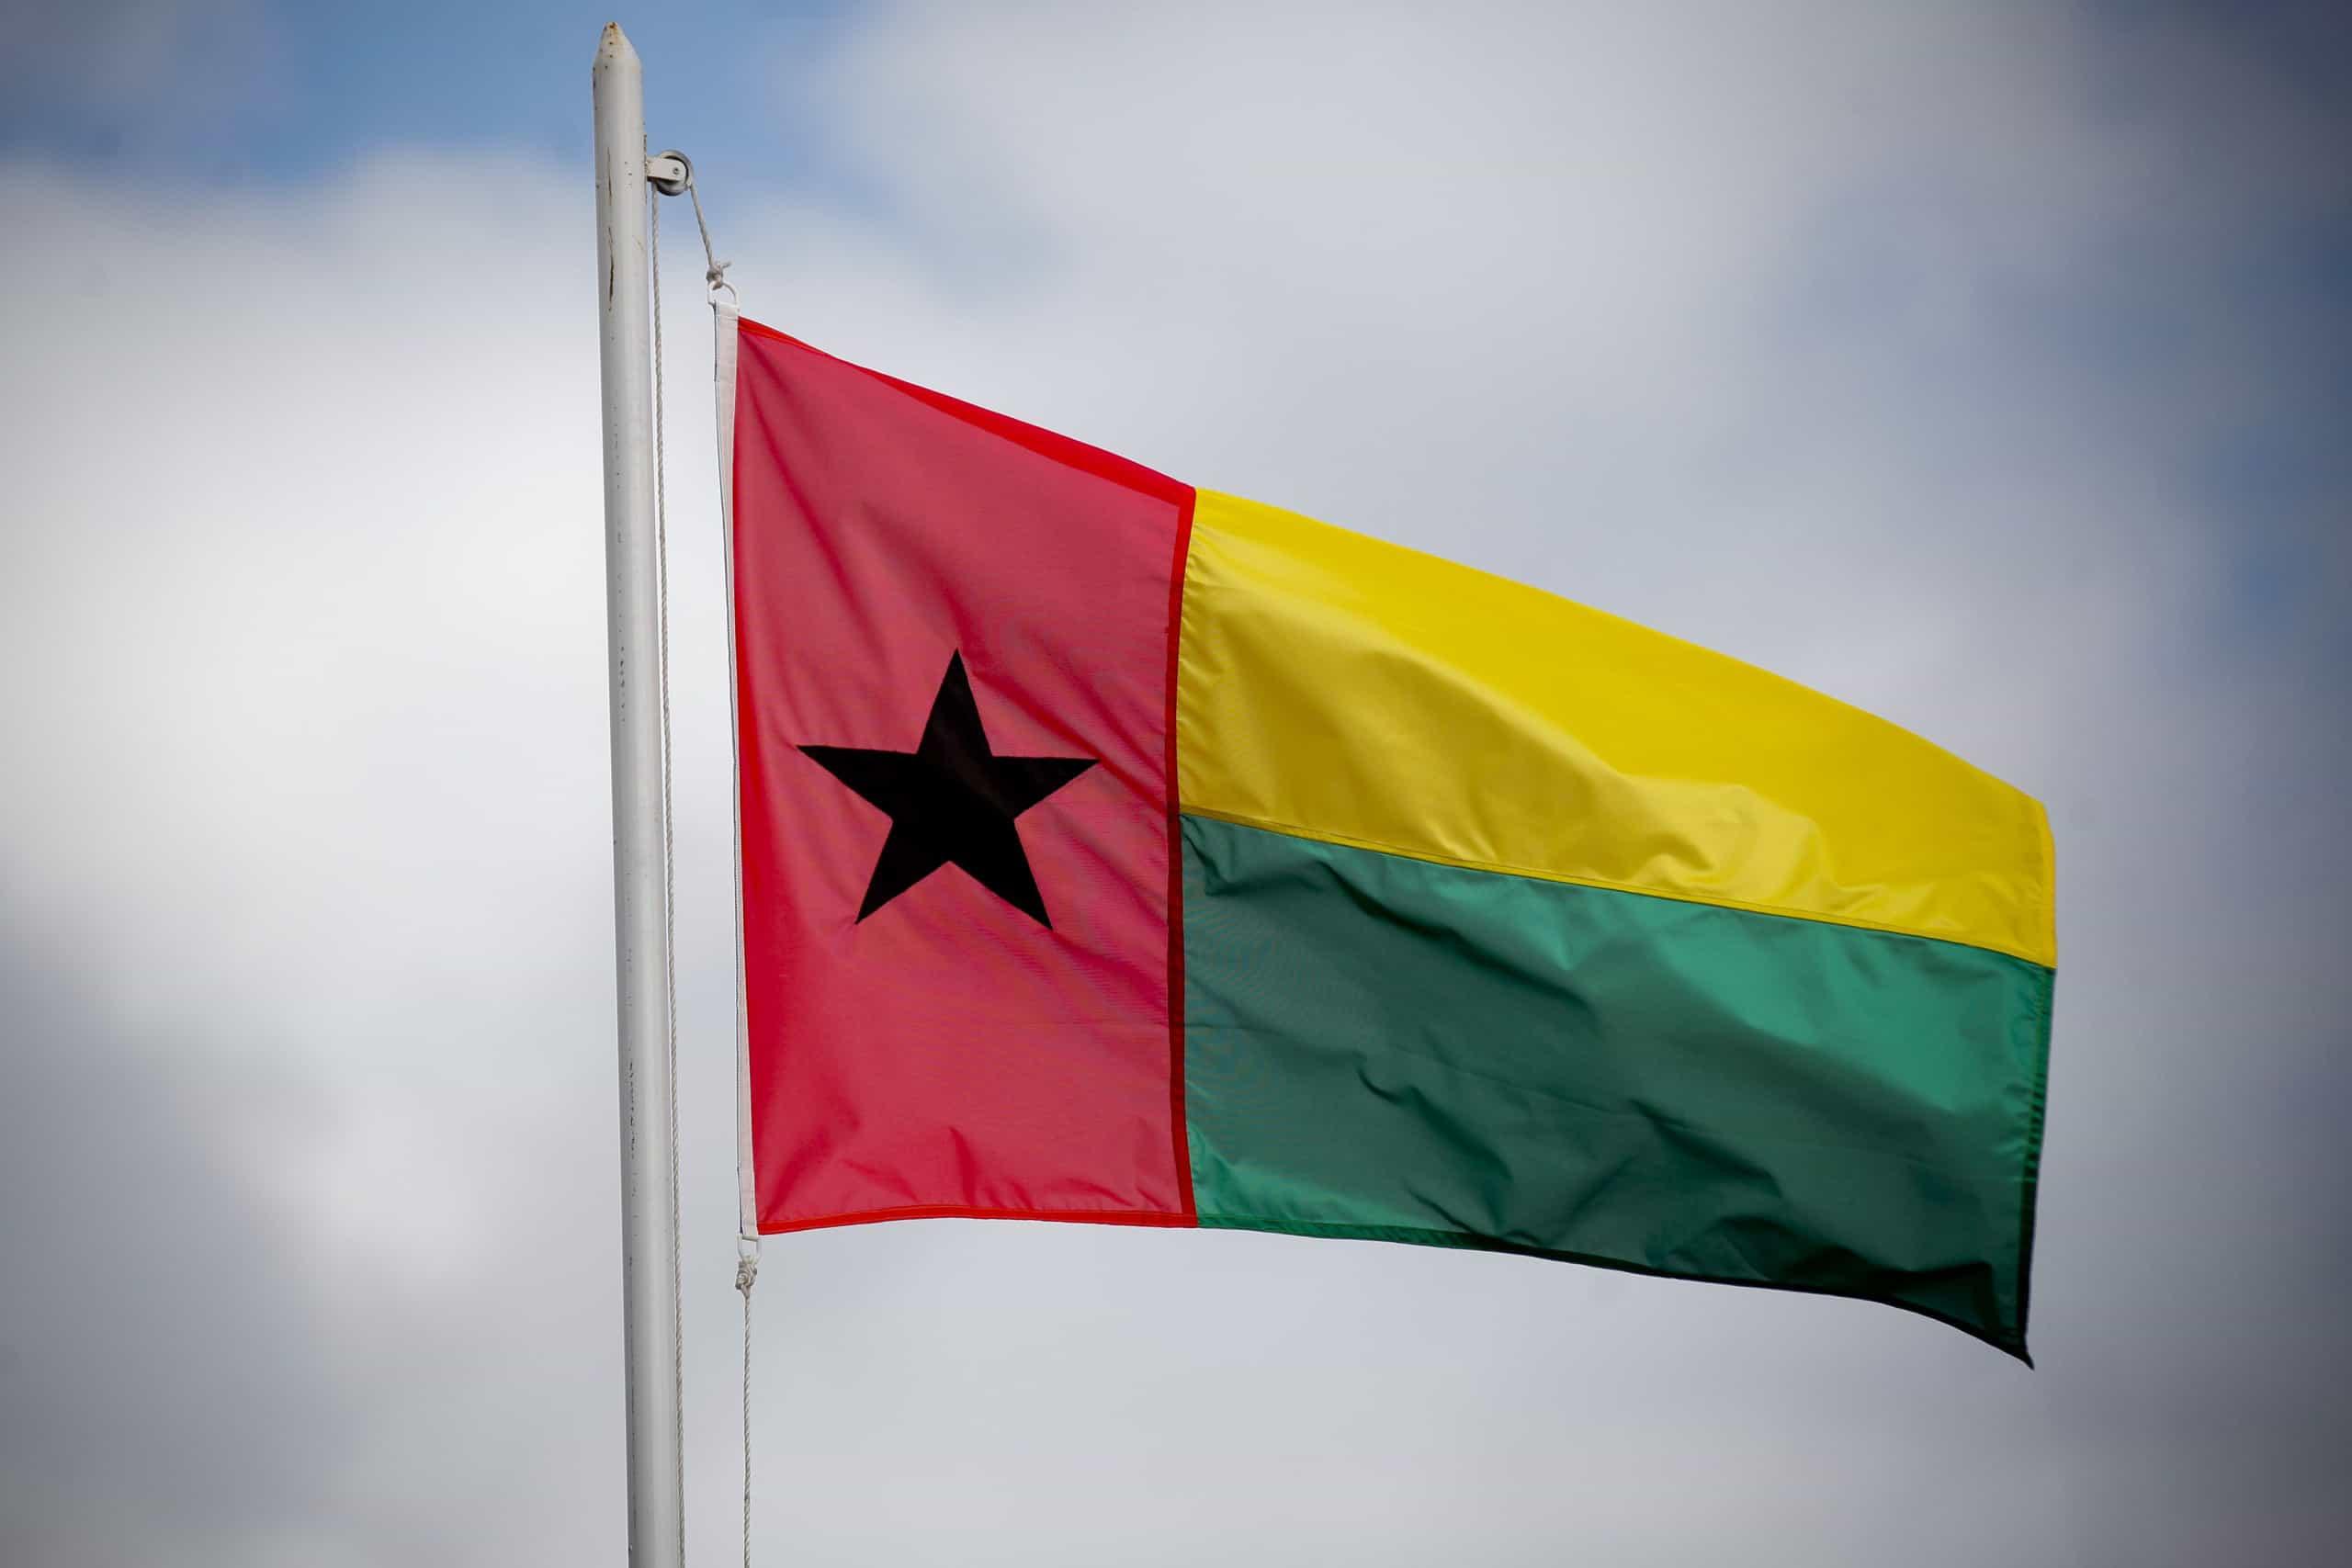 Ministro da Agricultura da Guiné-Bissau detido em caso de arroz doado